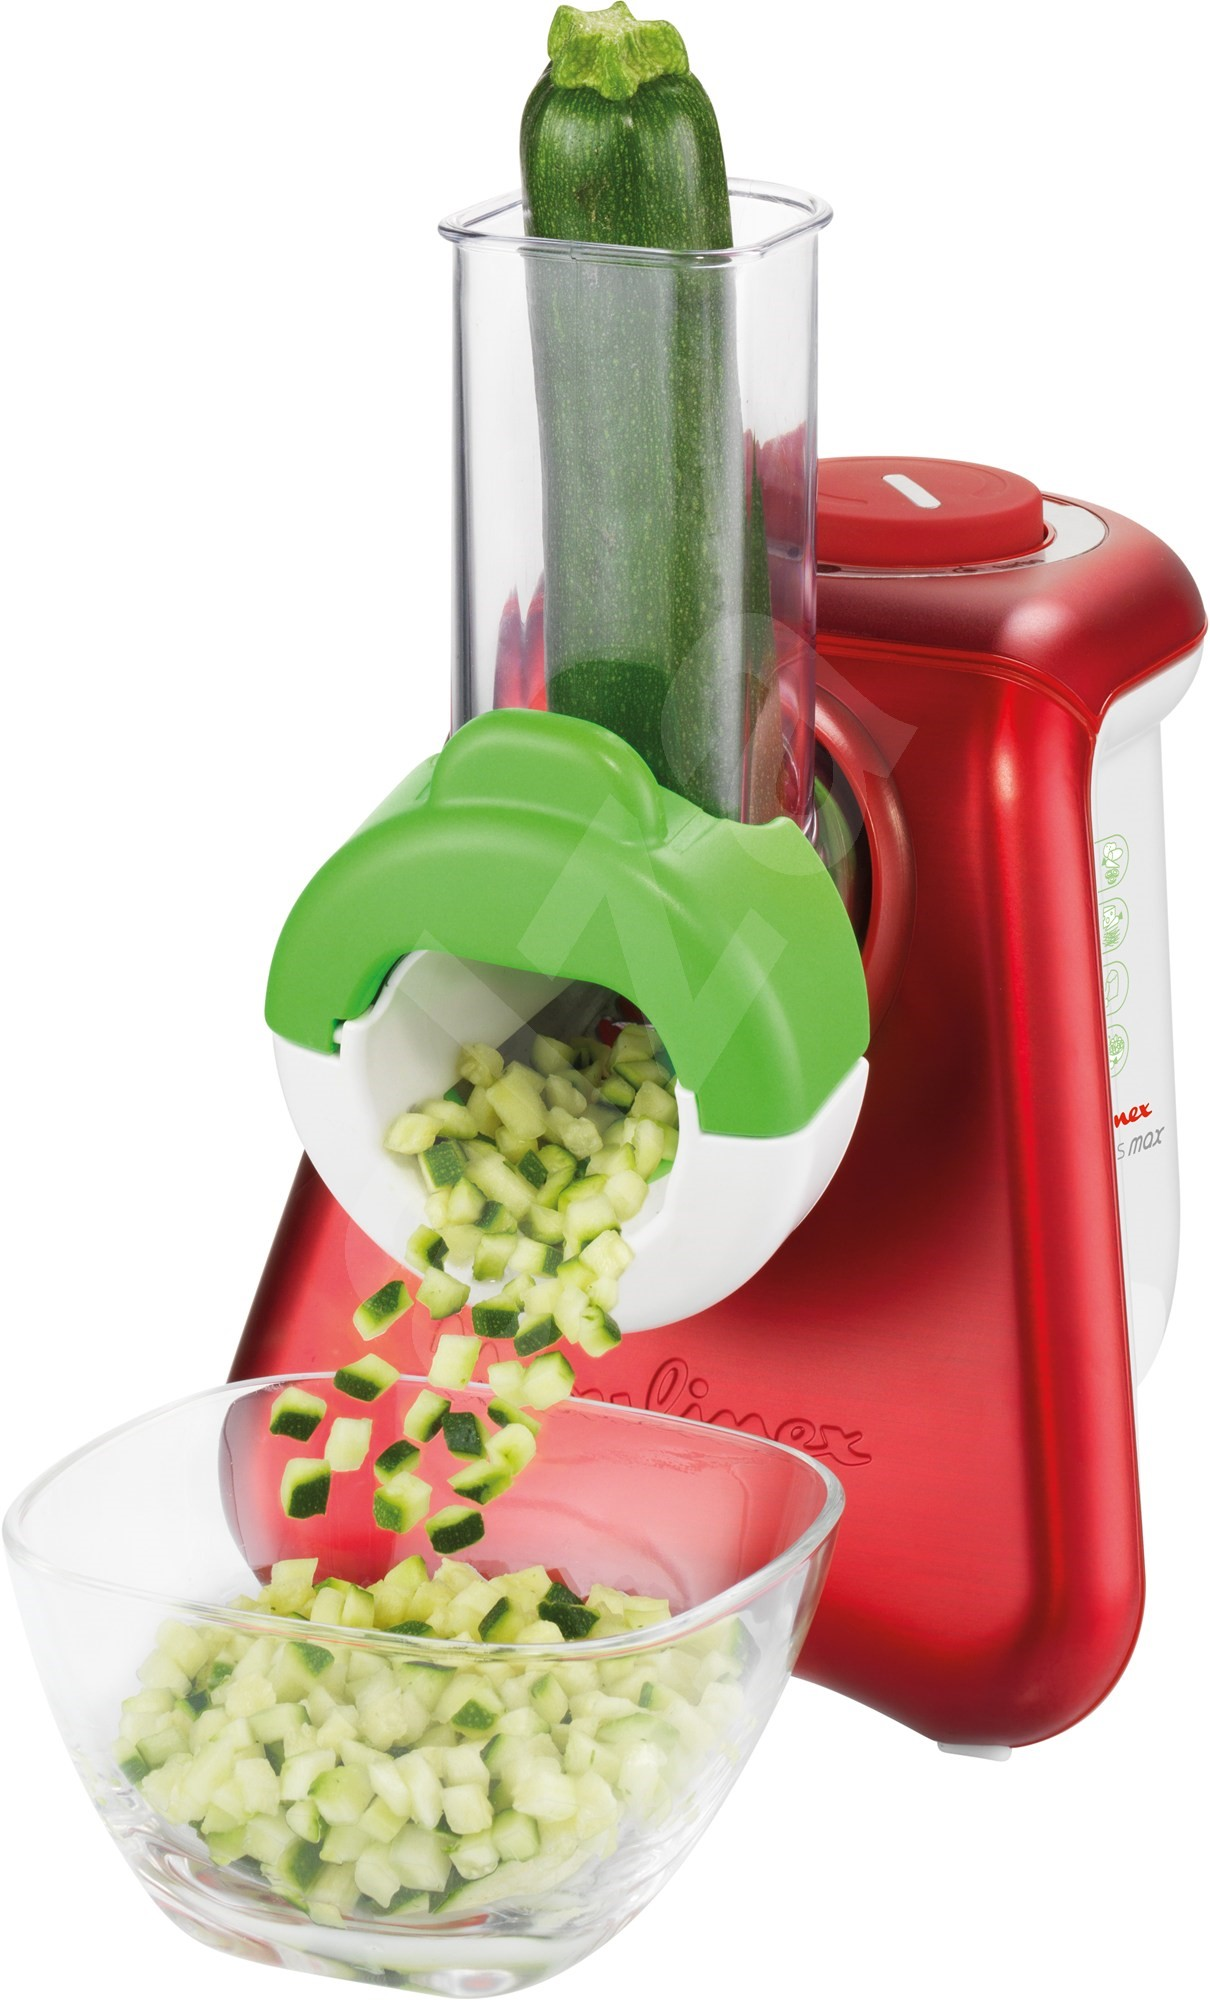 moulinex fresh express max dj8105 food processor. Black Bedroom Furniture Sets. Home Design Ideas